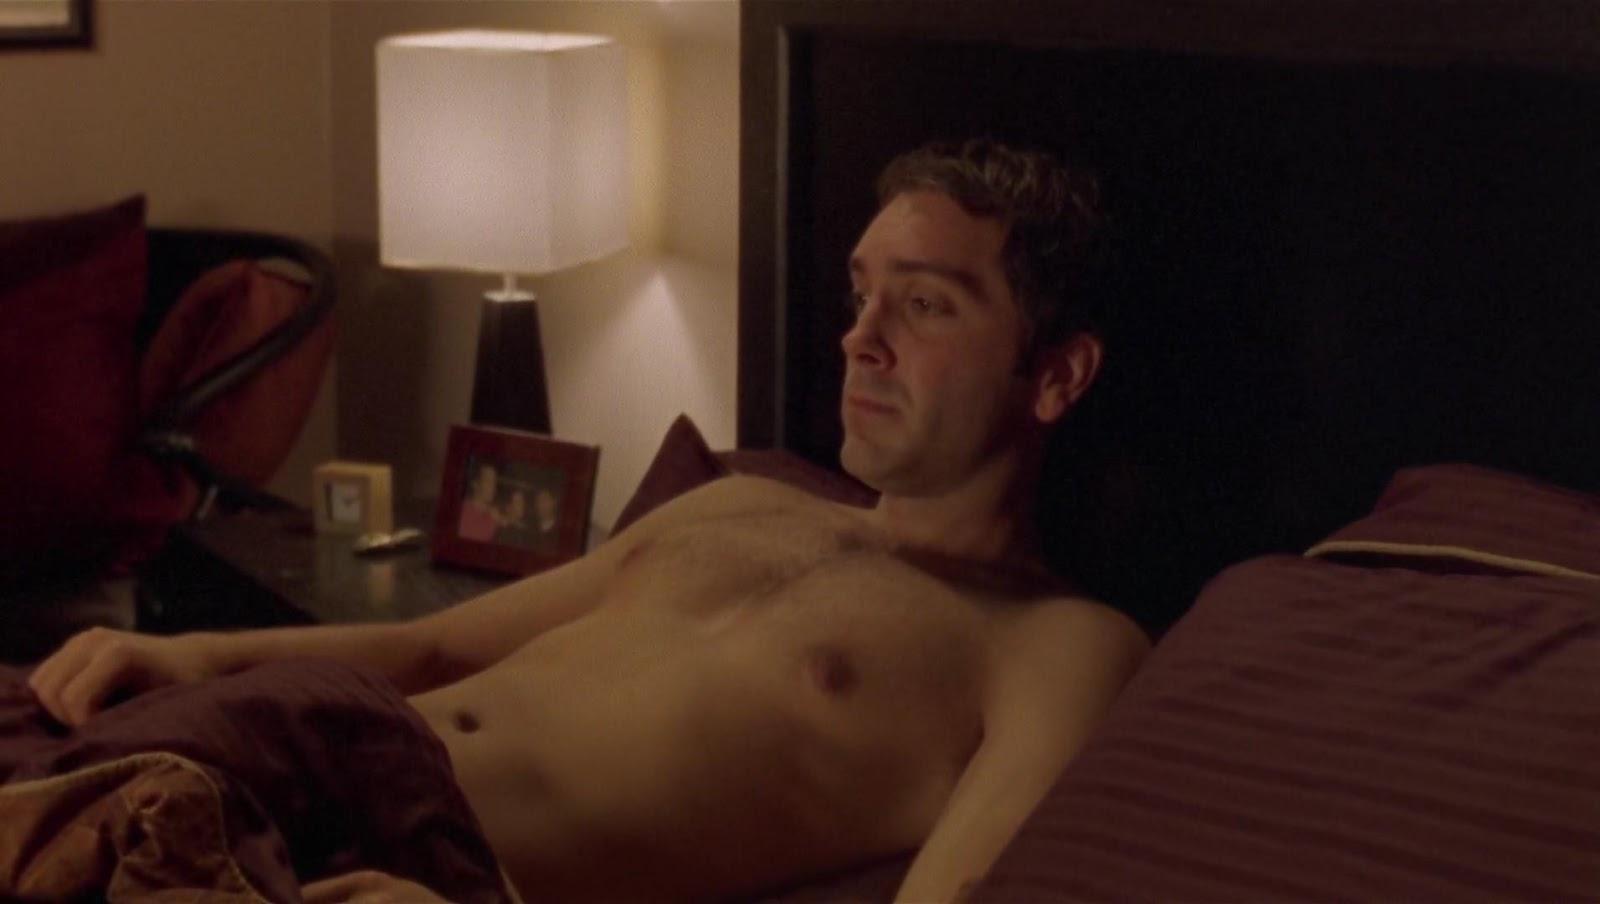 Nude Queer 88